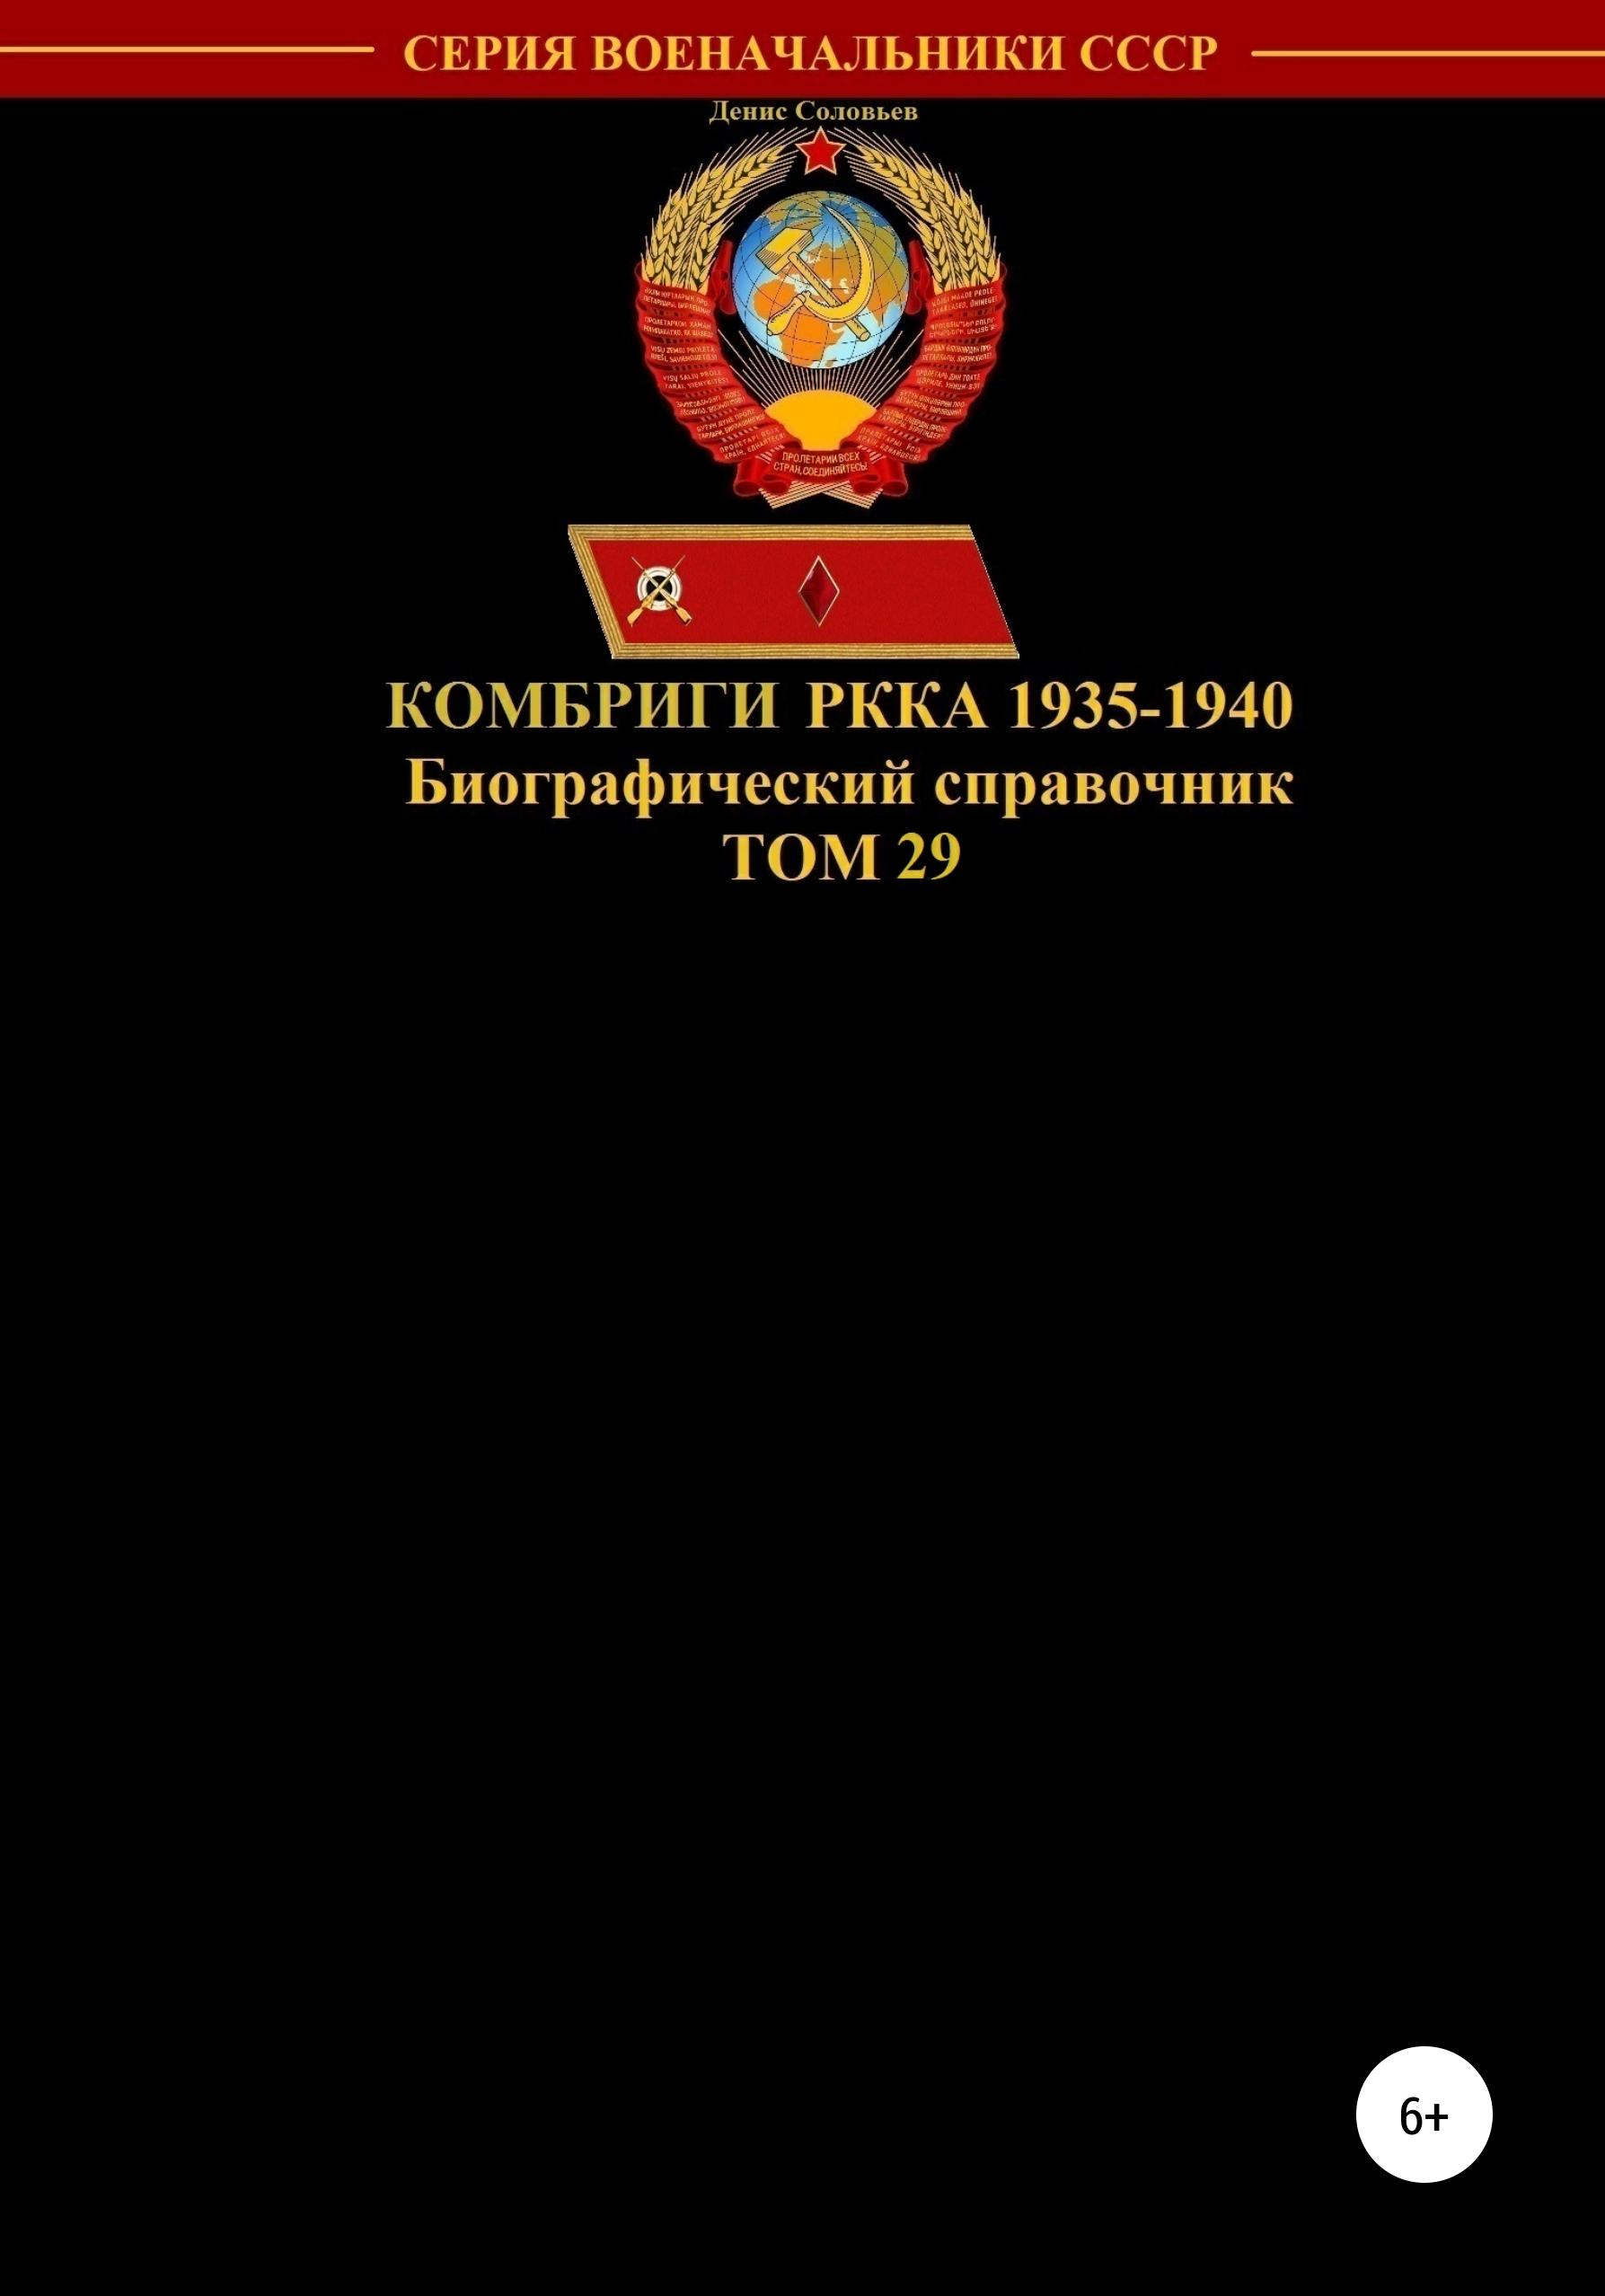 Купить книгу Комбриги РККА 1935-1940. Том 29, автора Дениса Юрьевича Соловьева